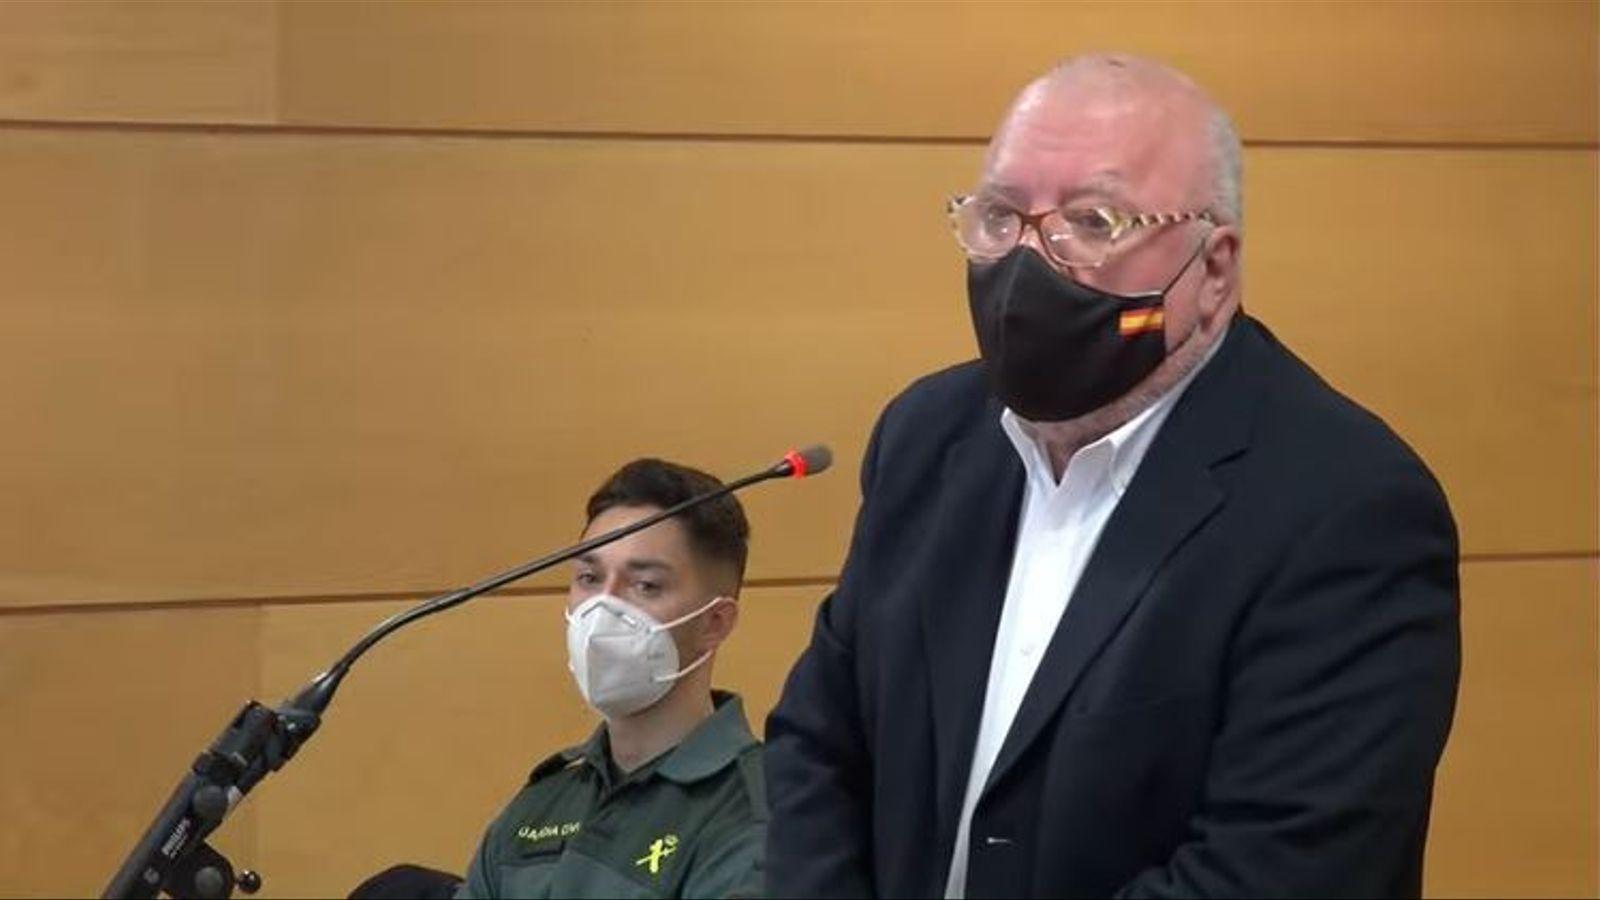 L'excomissari José Manuel Villarejo, declarant en el judici sobre presumptes calúmnies contra l'exdirector del CNI